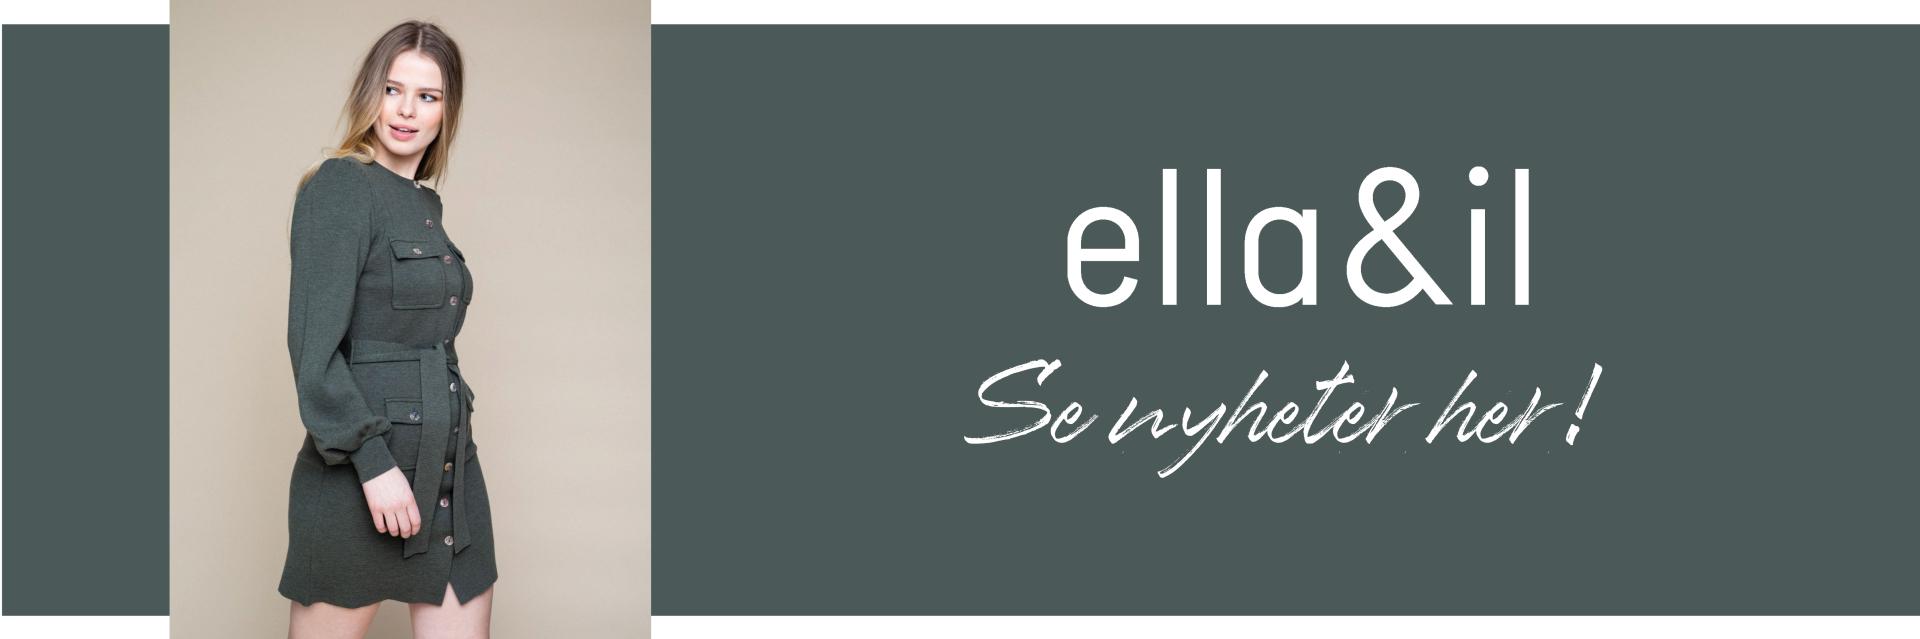 Ella_nyheter